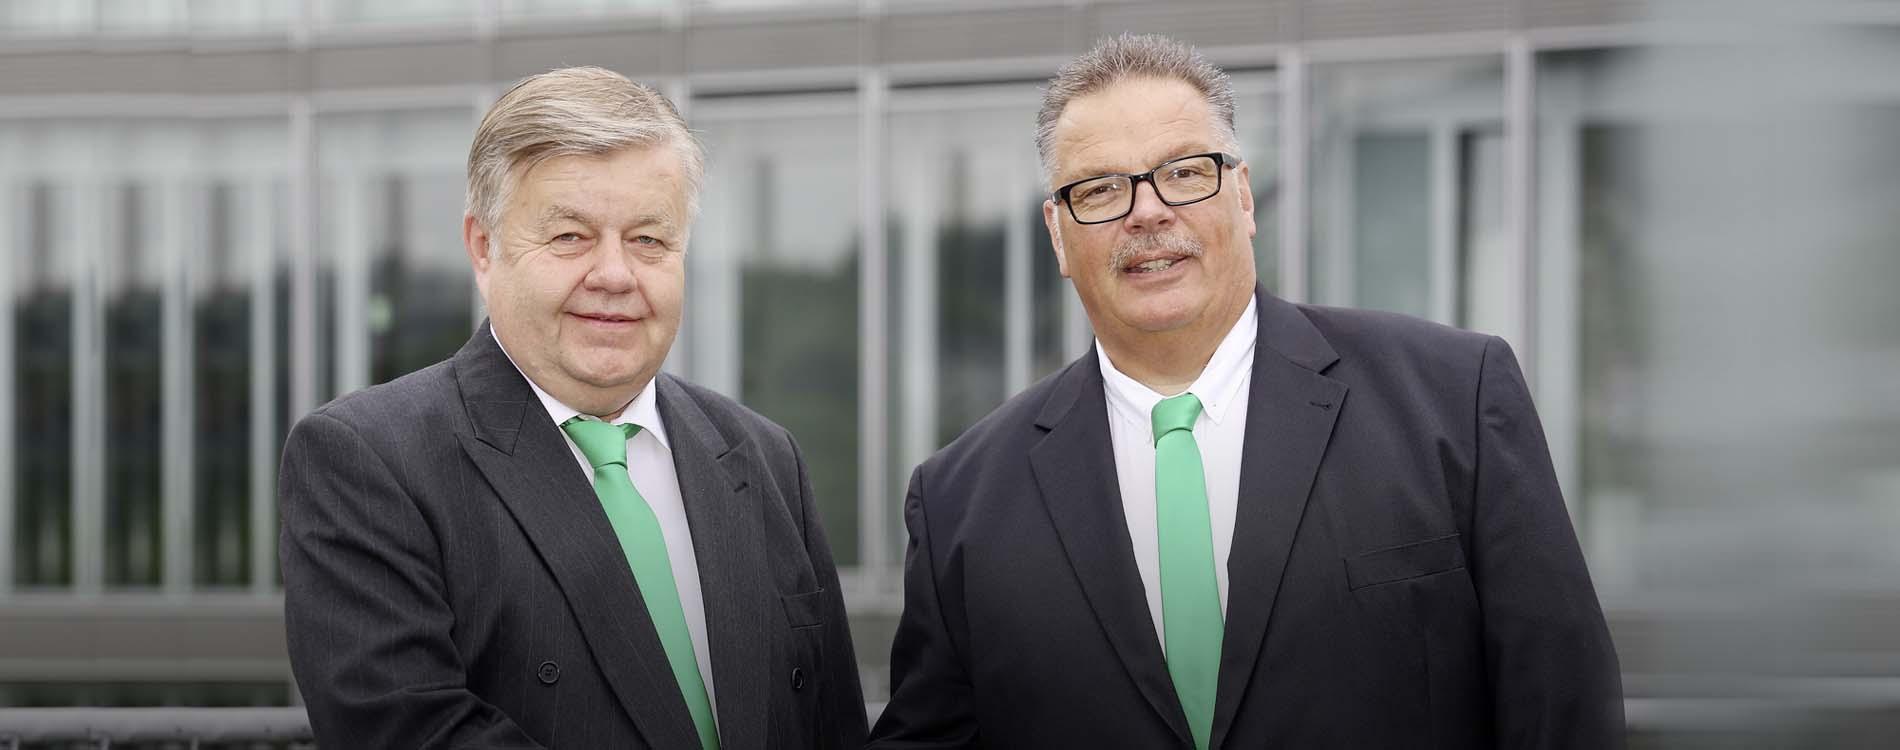 Dieter Acker und Lothar Schmidt, Geschäftsführende Gesellschafter